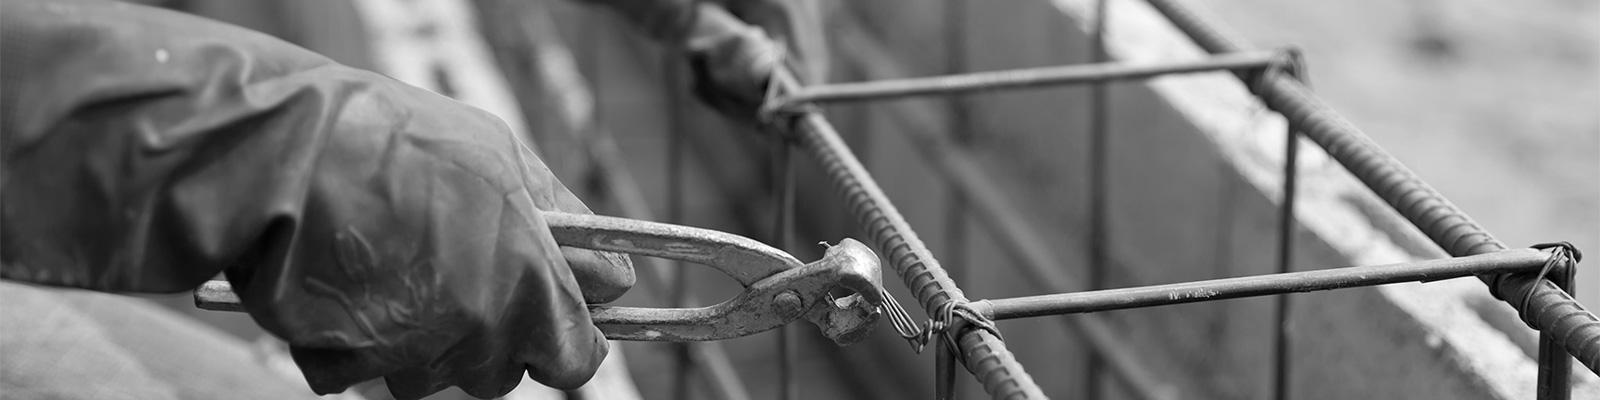 Entreprise de construction et BTP au Bénin. Travaux de construction, ouvriers qualifiés et expérimentés.